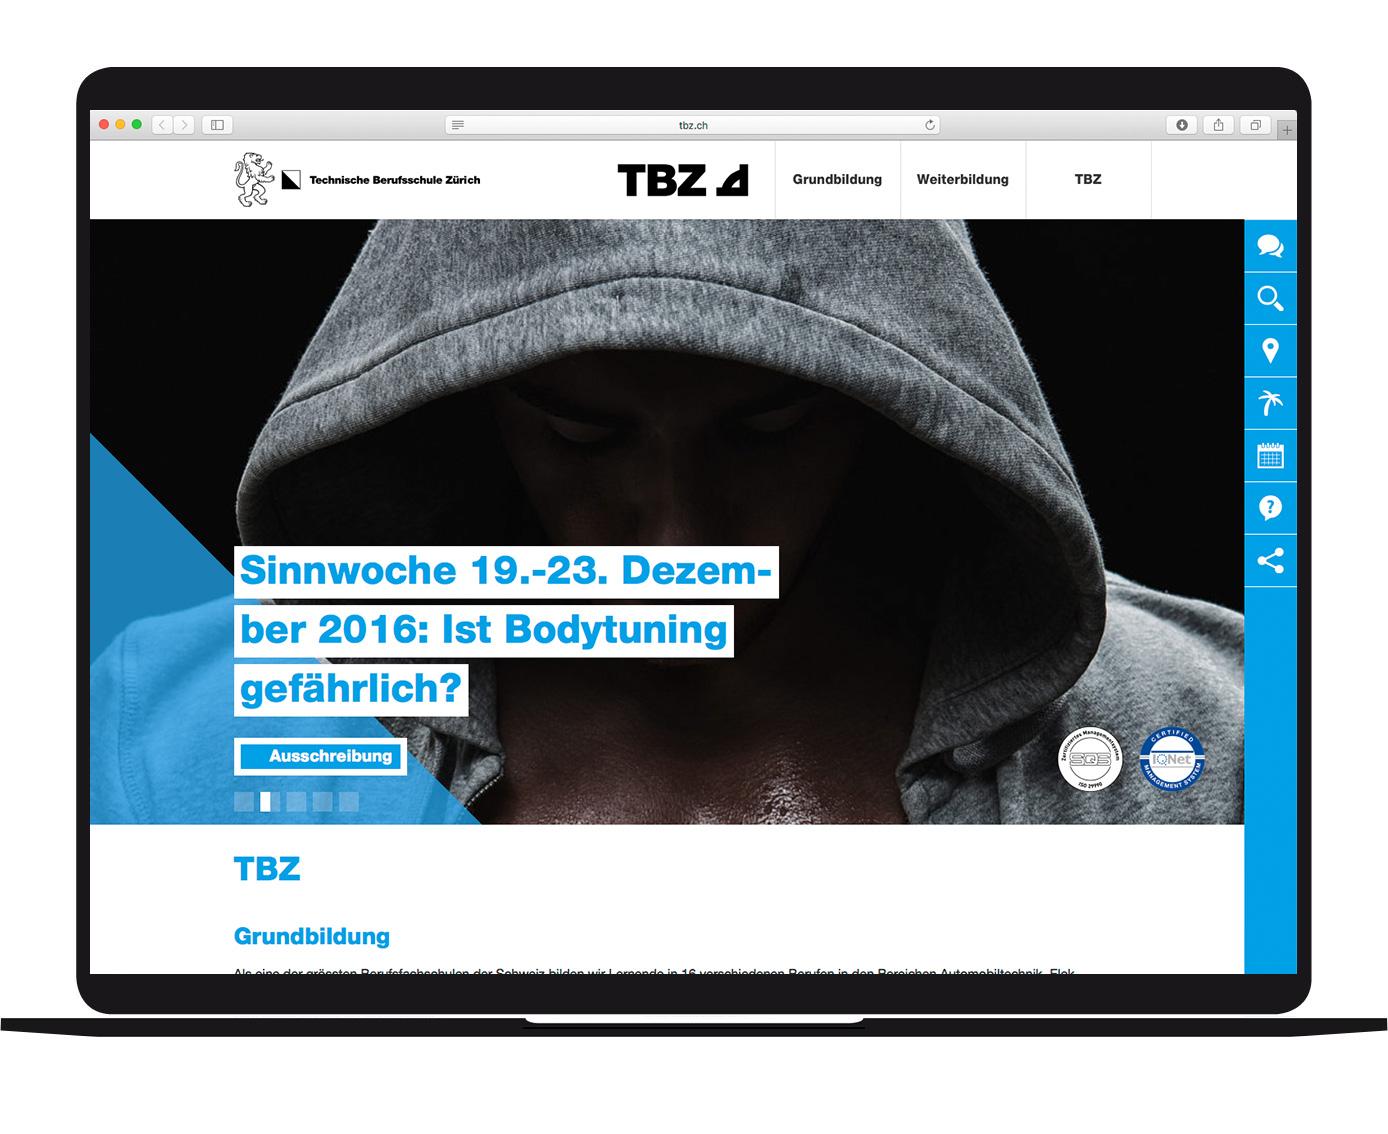 av_web_tbz_laptop_01_1388_2019